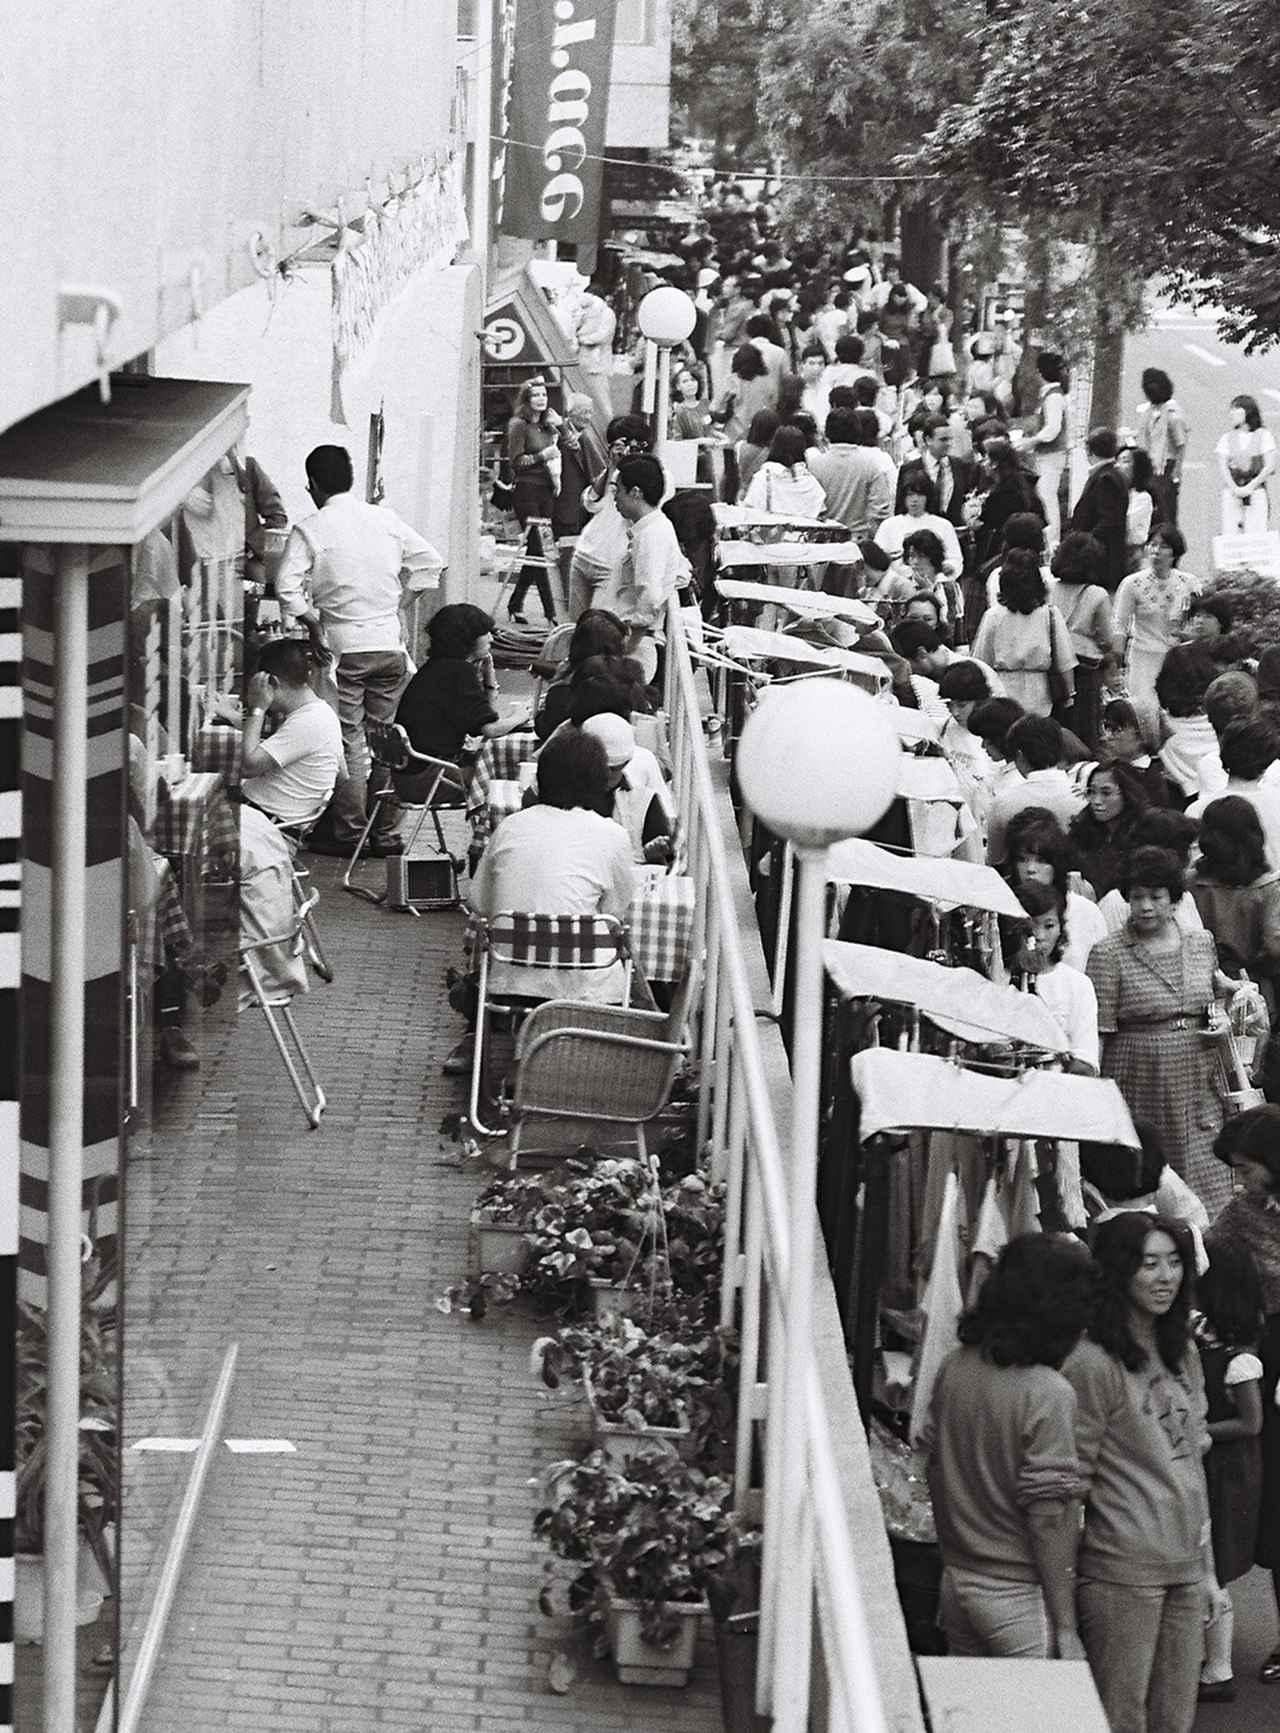 Images : 1970年代、「代官山交歓バザール」の様子